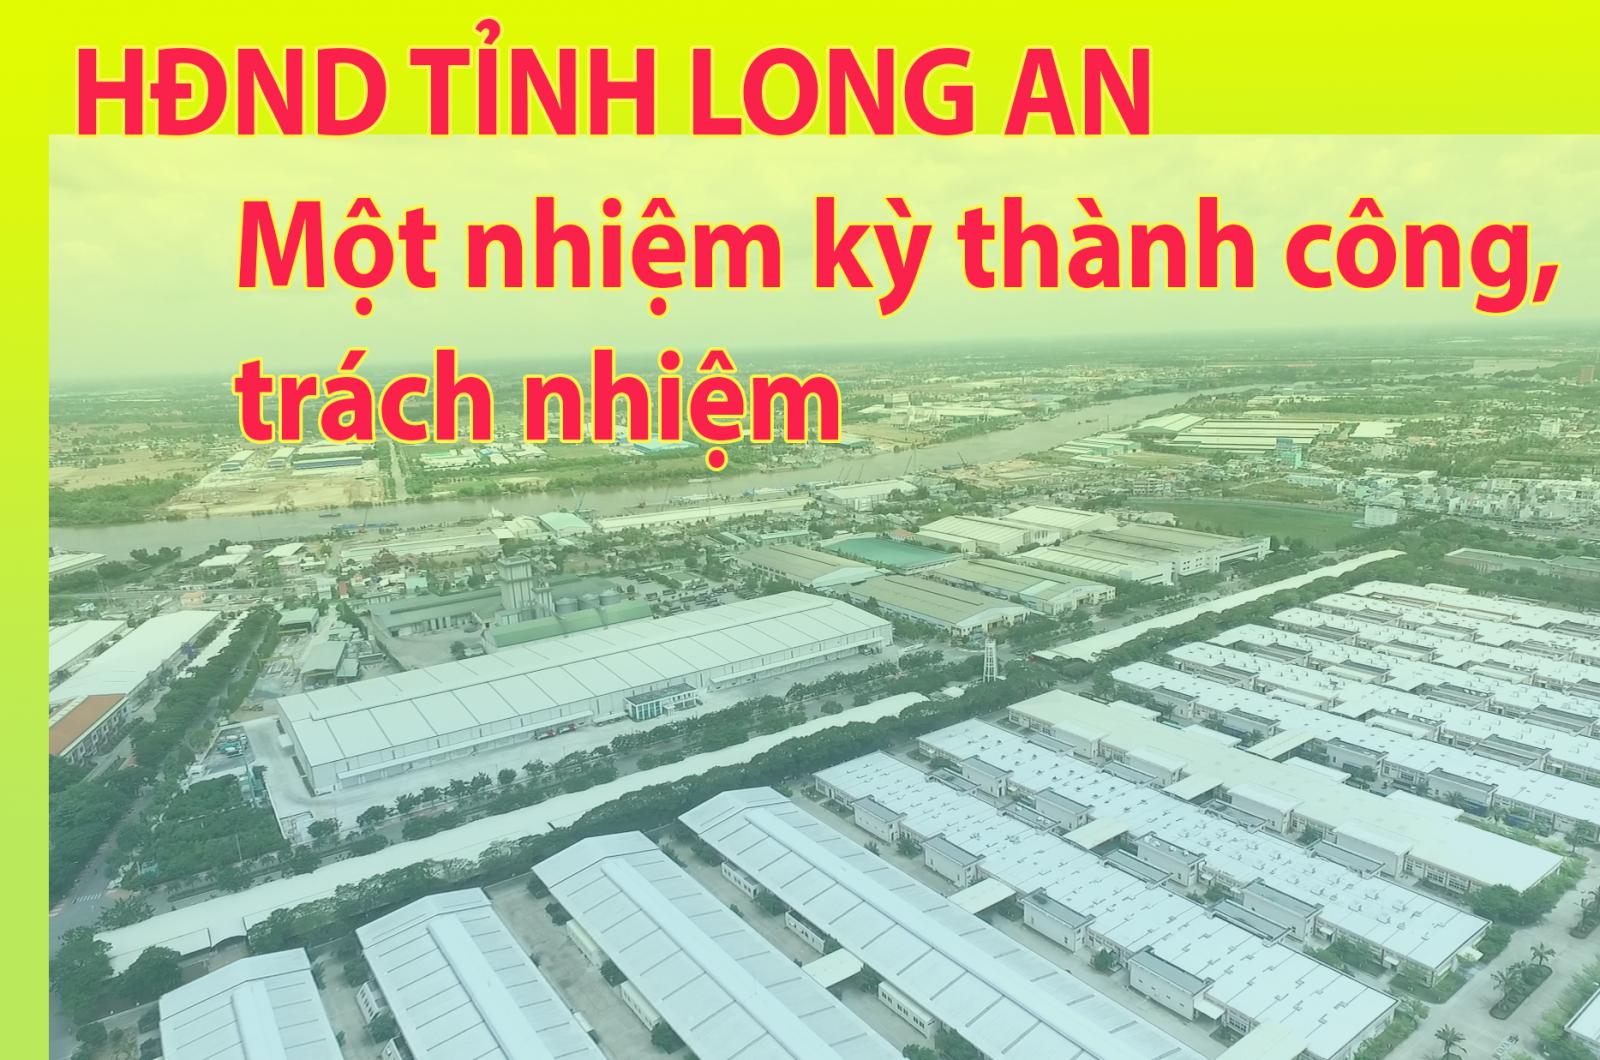 HĐND tỉnh Long An - Một nhiệm kỳ thành công, trách nhiệm